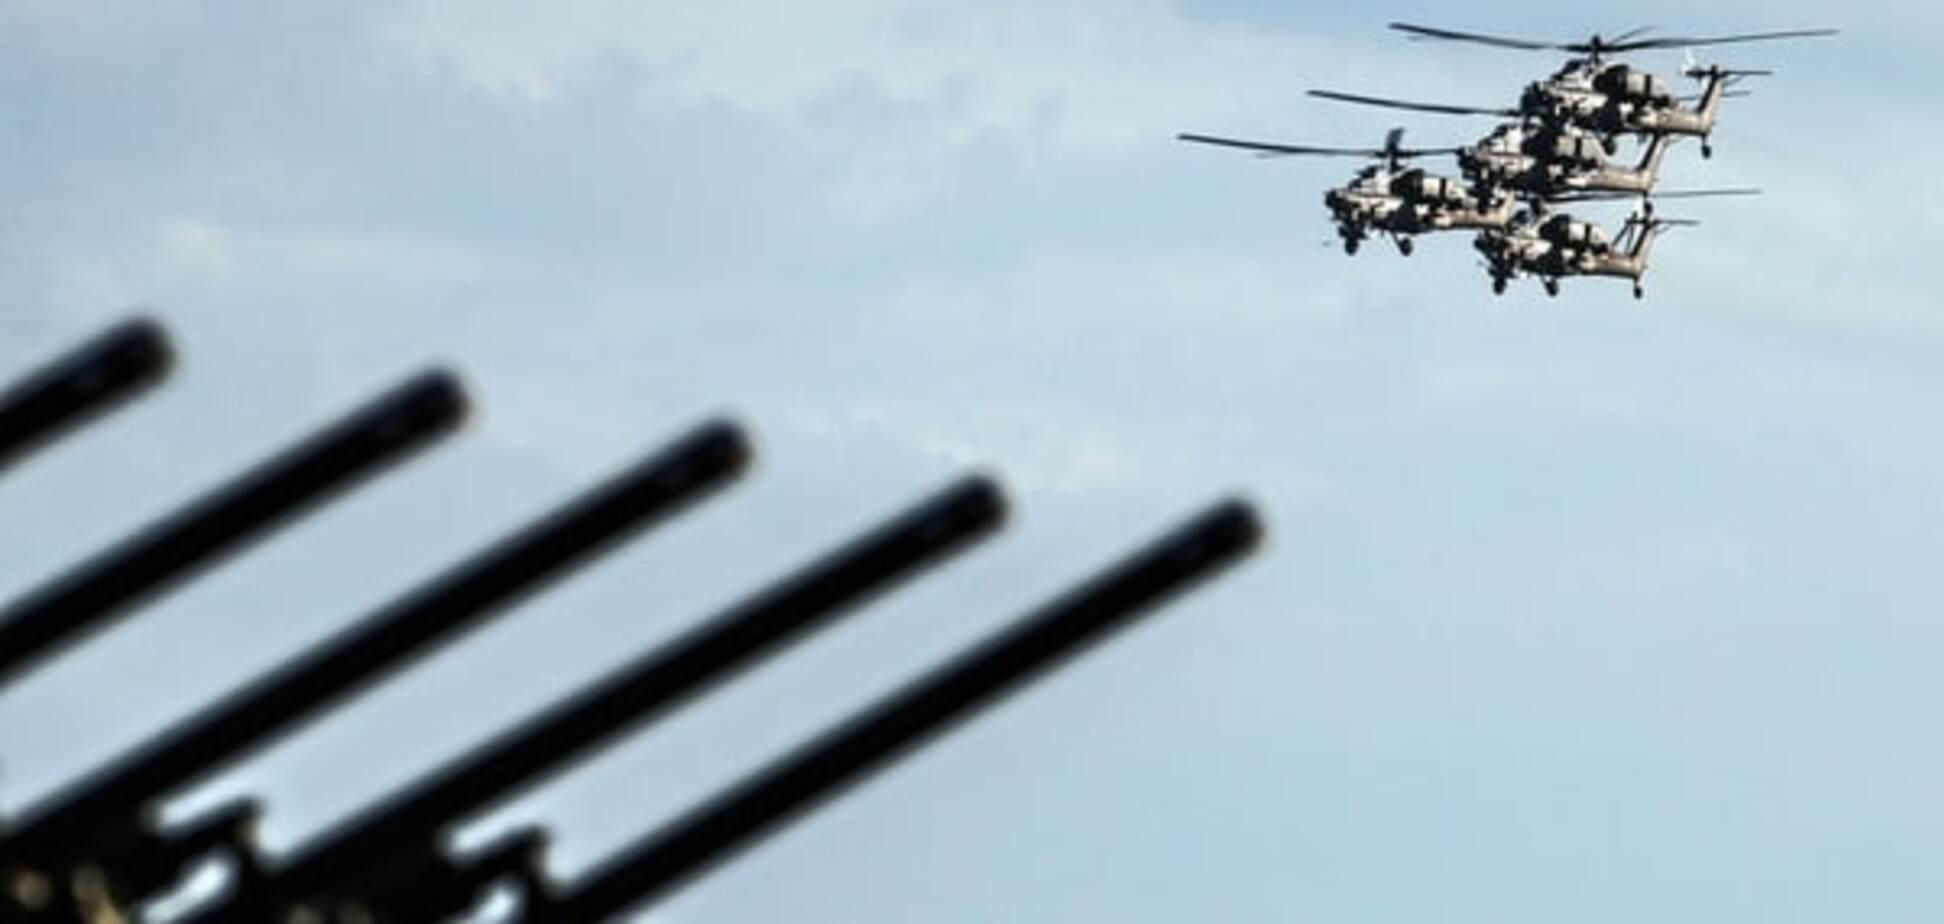 Подготовка к войне? Россия активно перебрасывает в Крым военную технику - СБУ